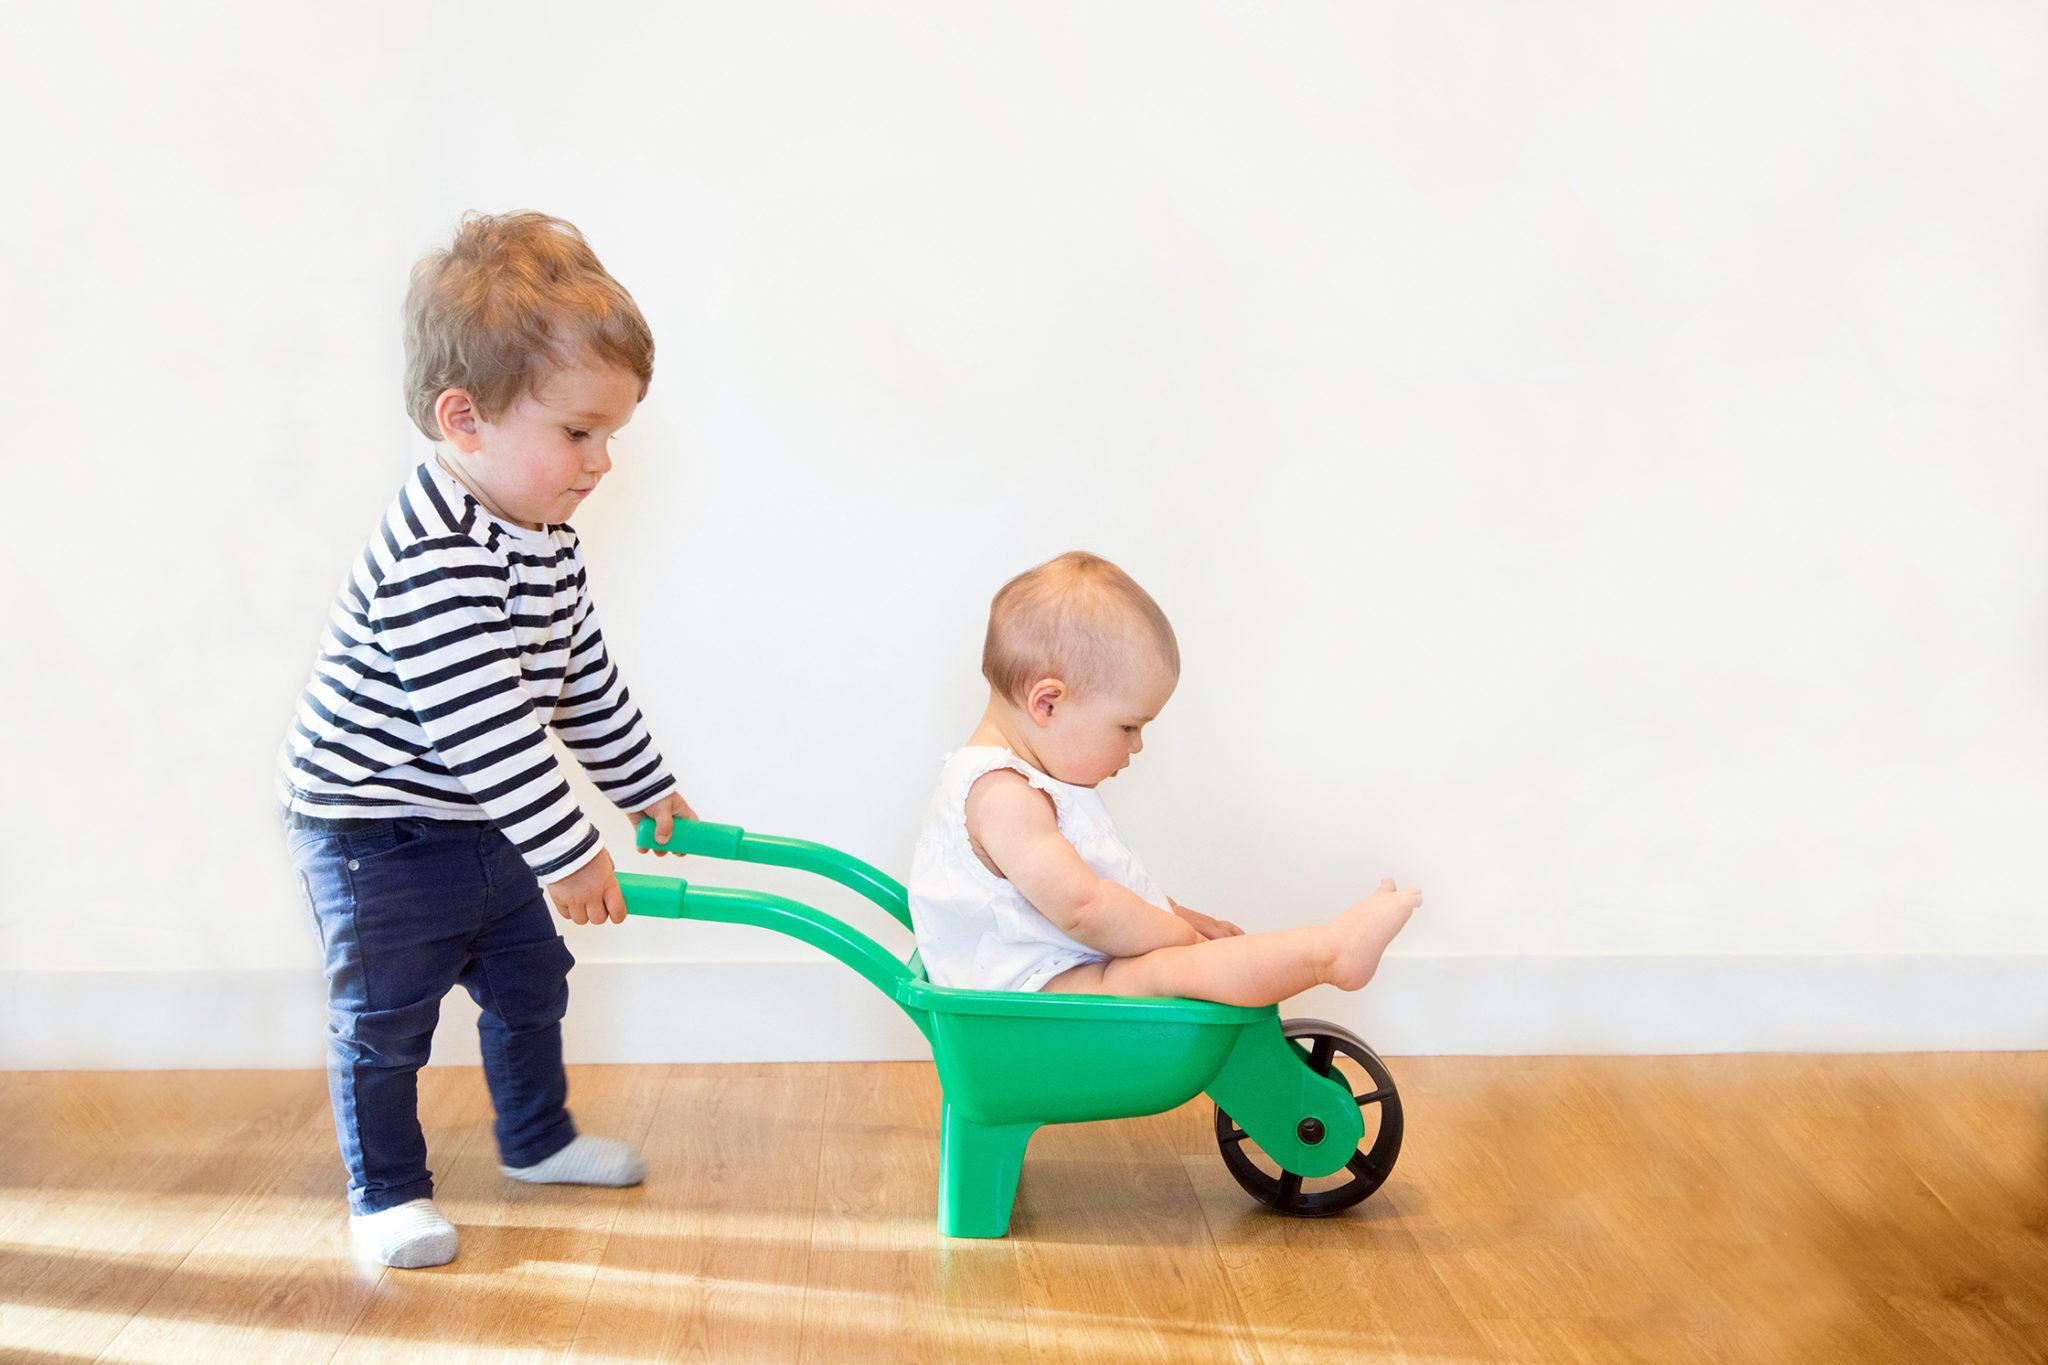 Top 5 Des Jeux D'éveil Pour Un Bébé De 6 Mois - Mademoiselle tout Jeux Eveil Bebe 2 Mois